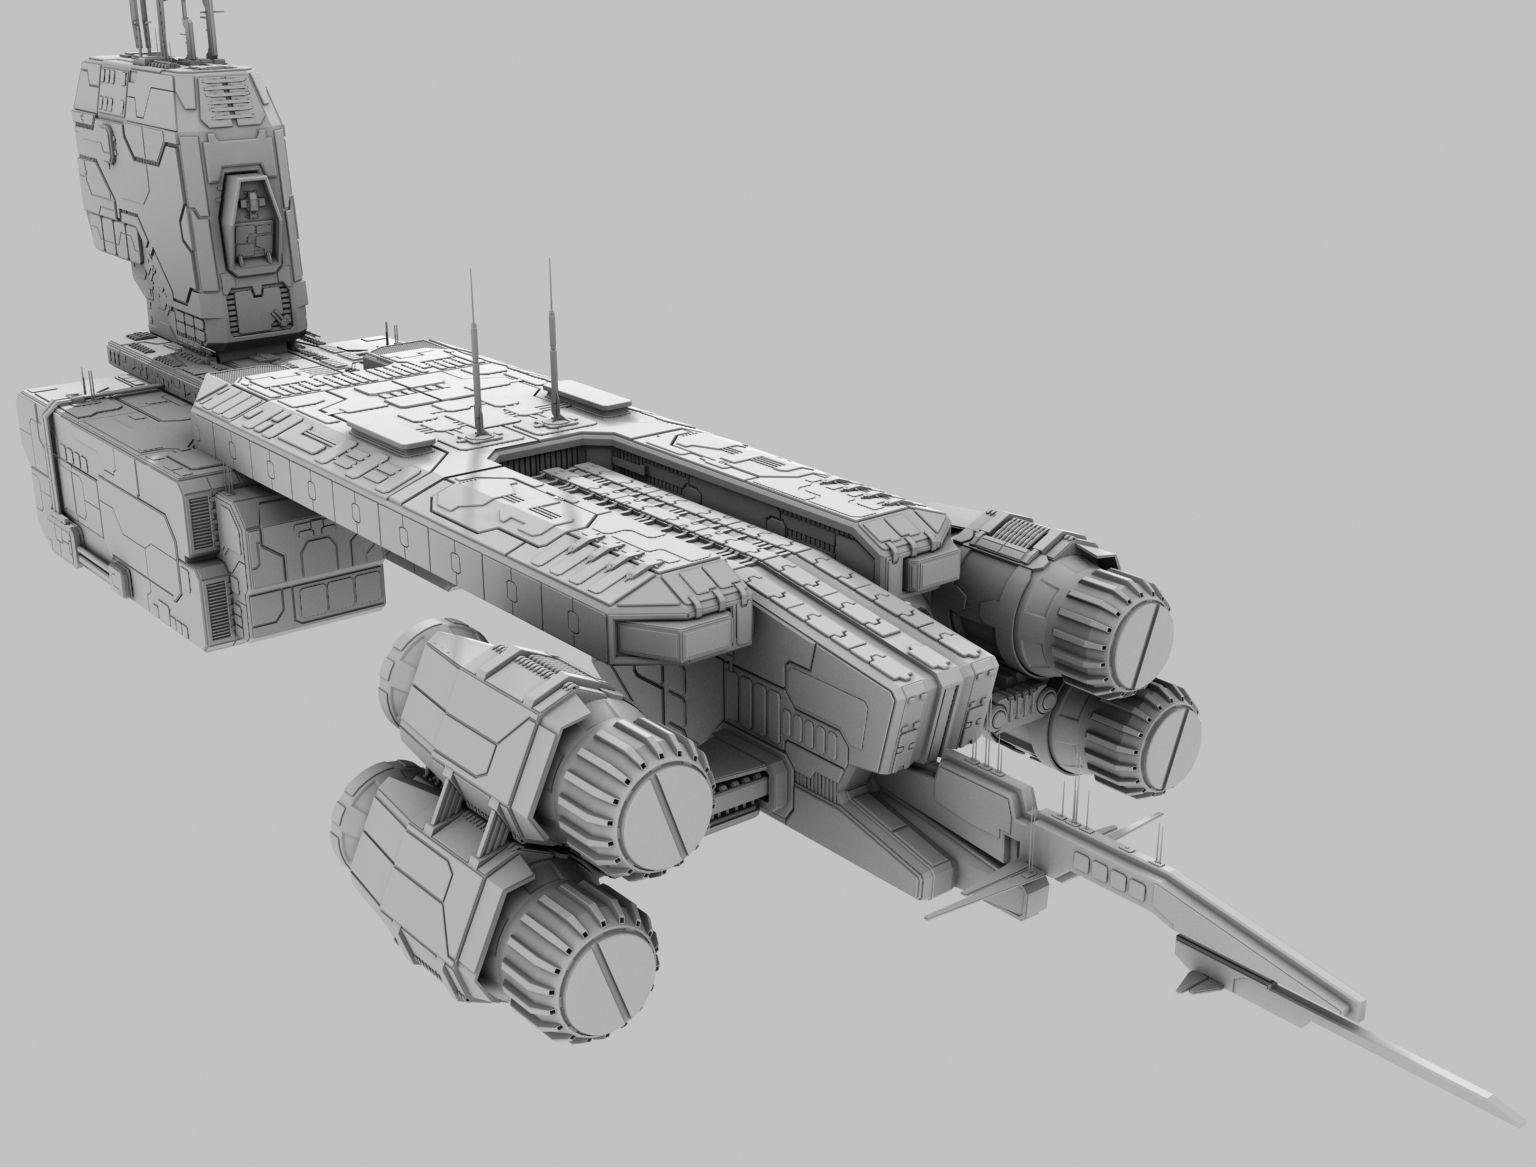 Terran Spaceship Terran Spaceship Spaceship Design Ship Art